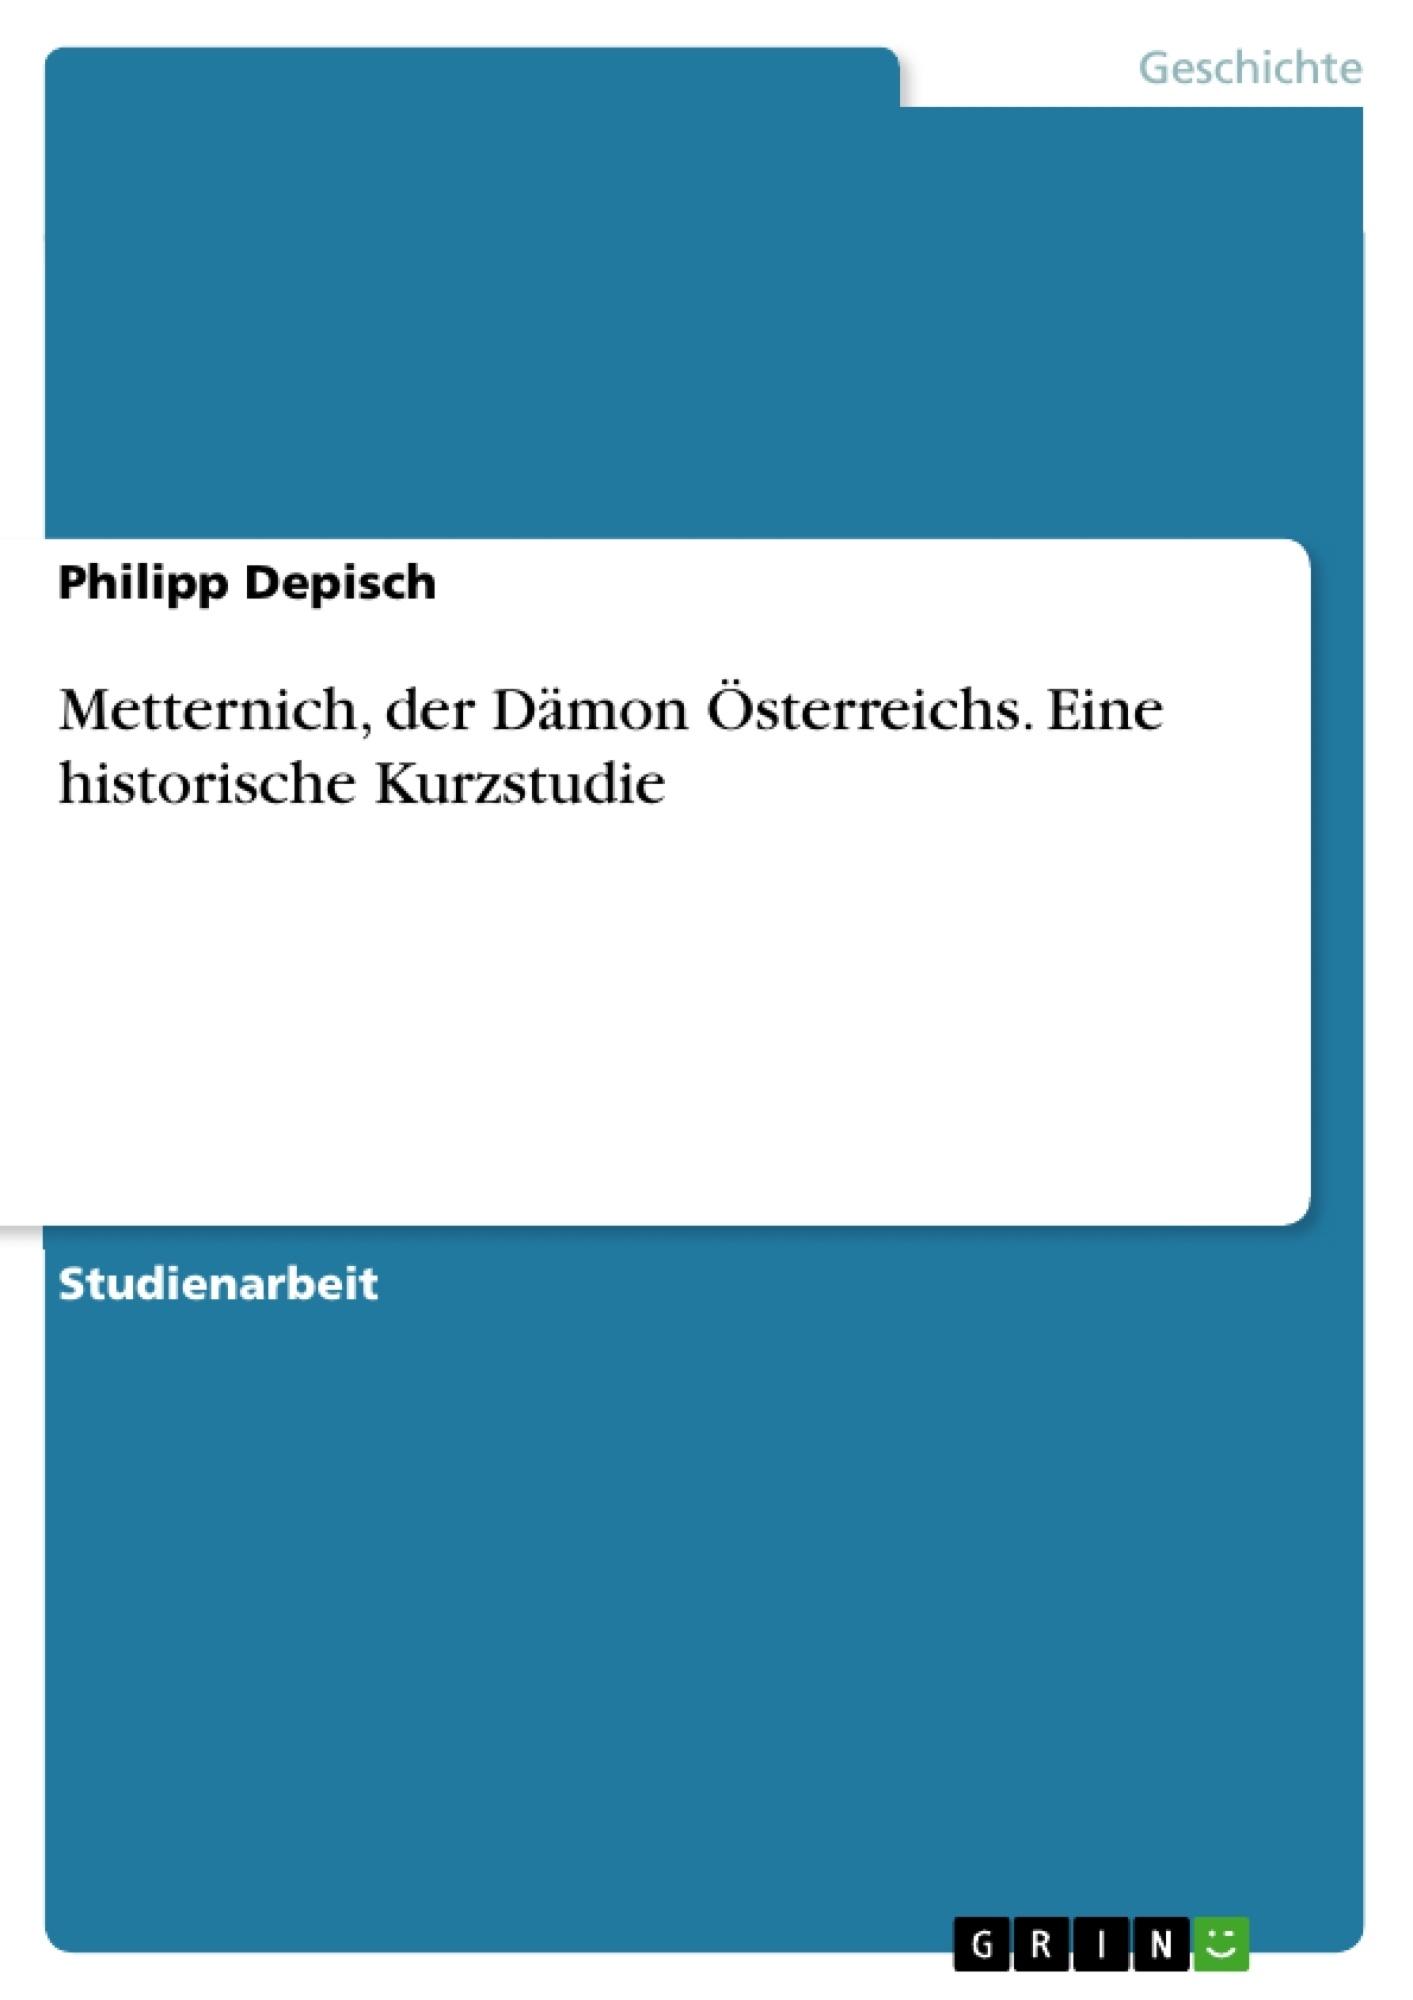 Titel: Metternich, der Dämon Österreichs. Eine historische Kurzstudie